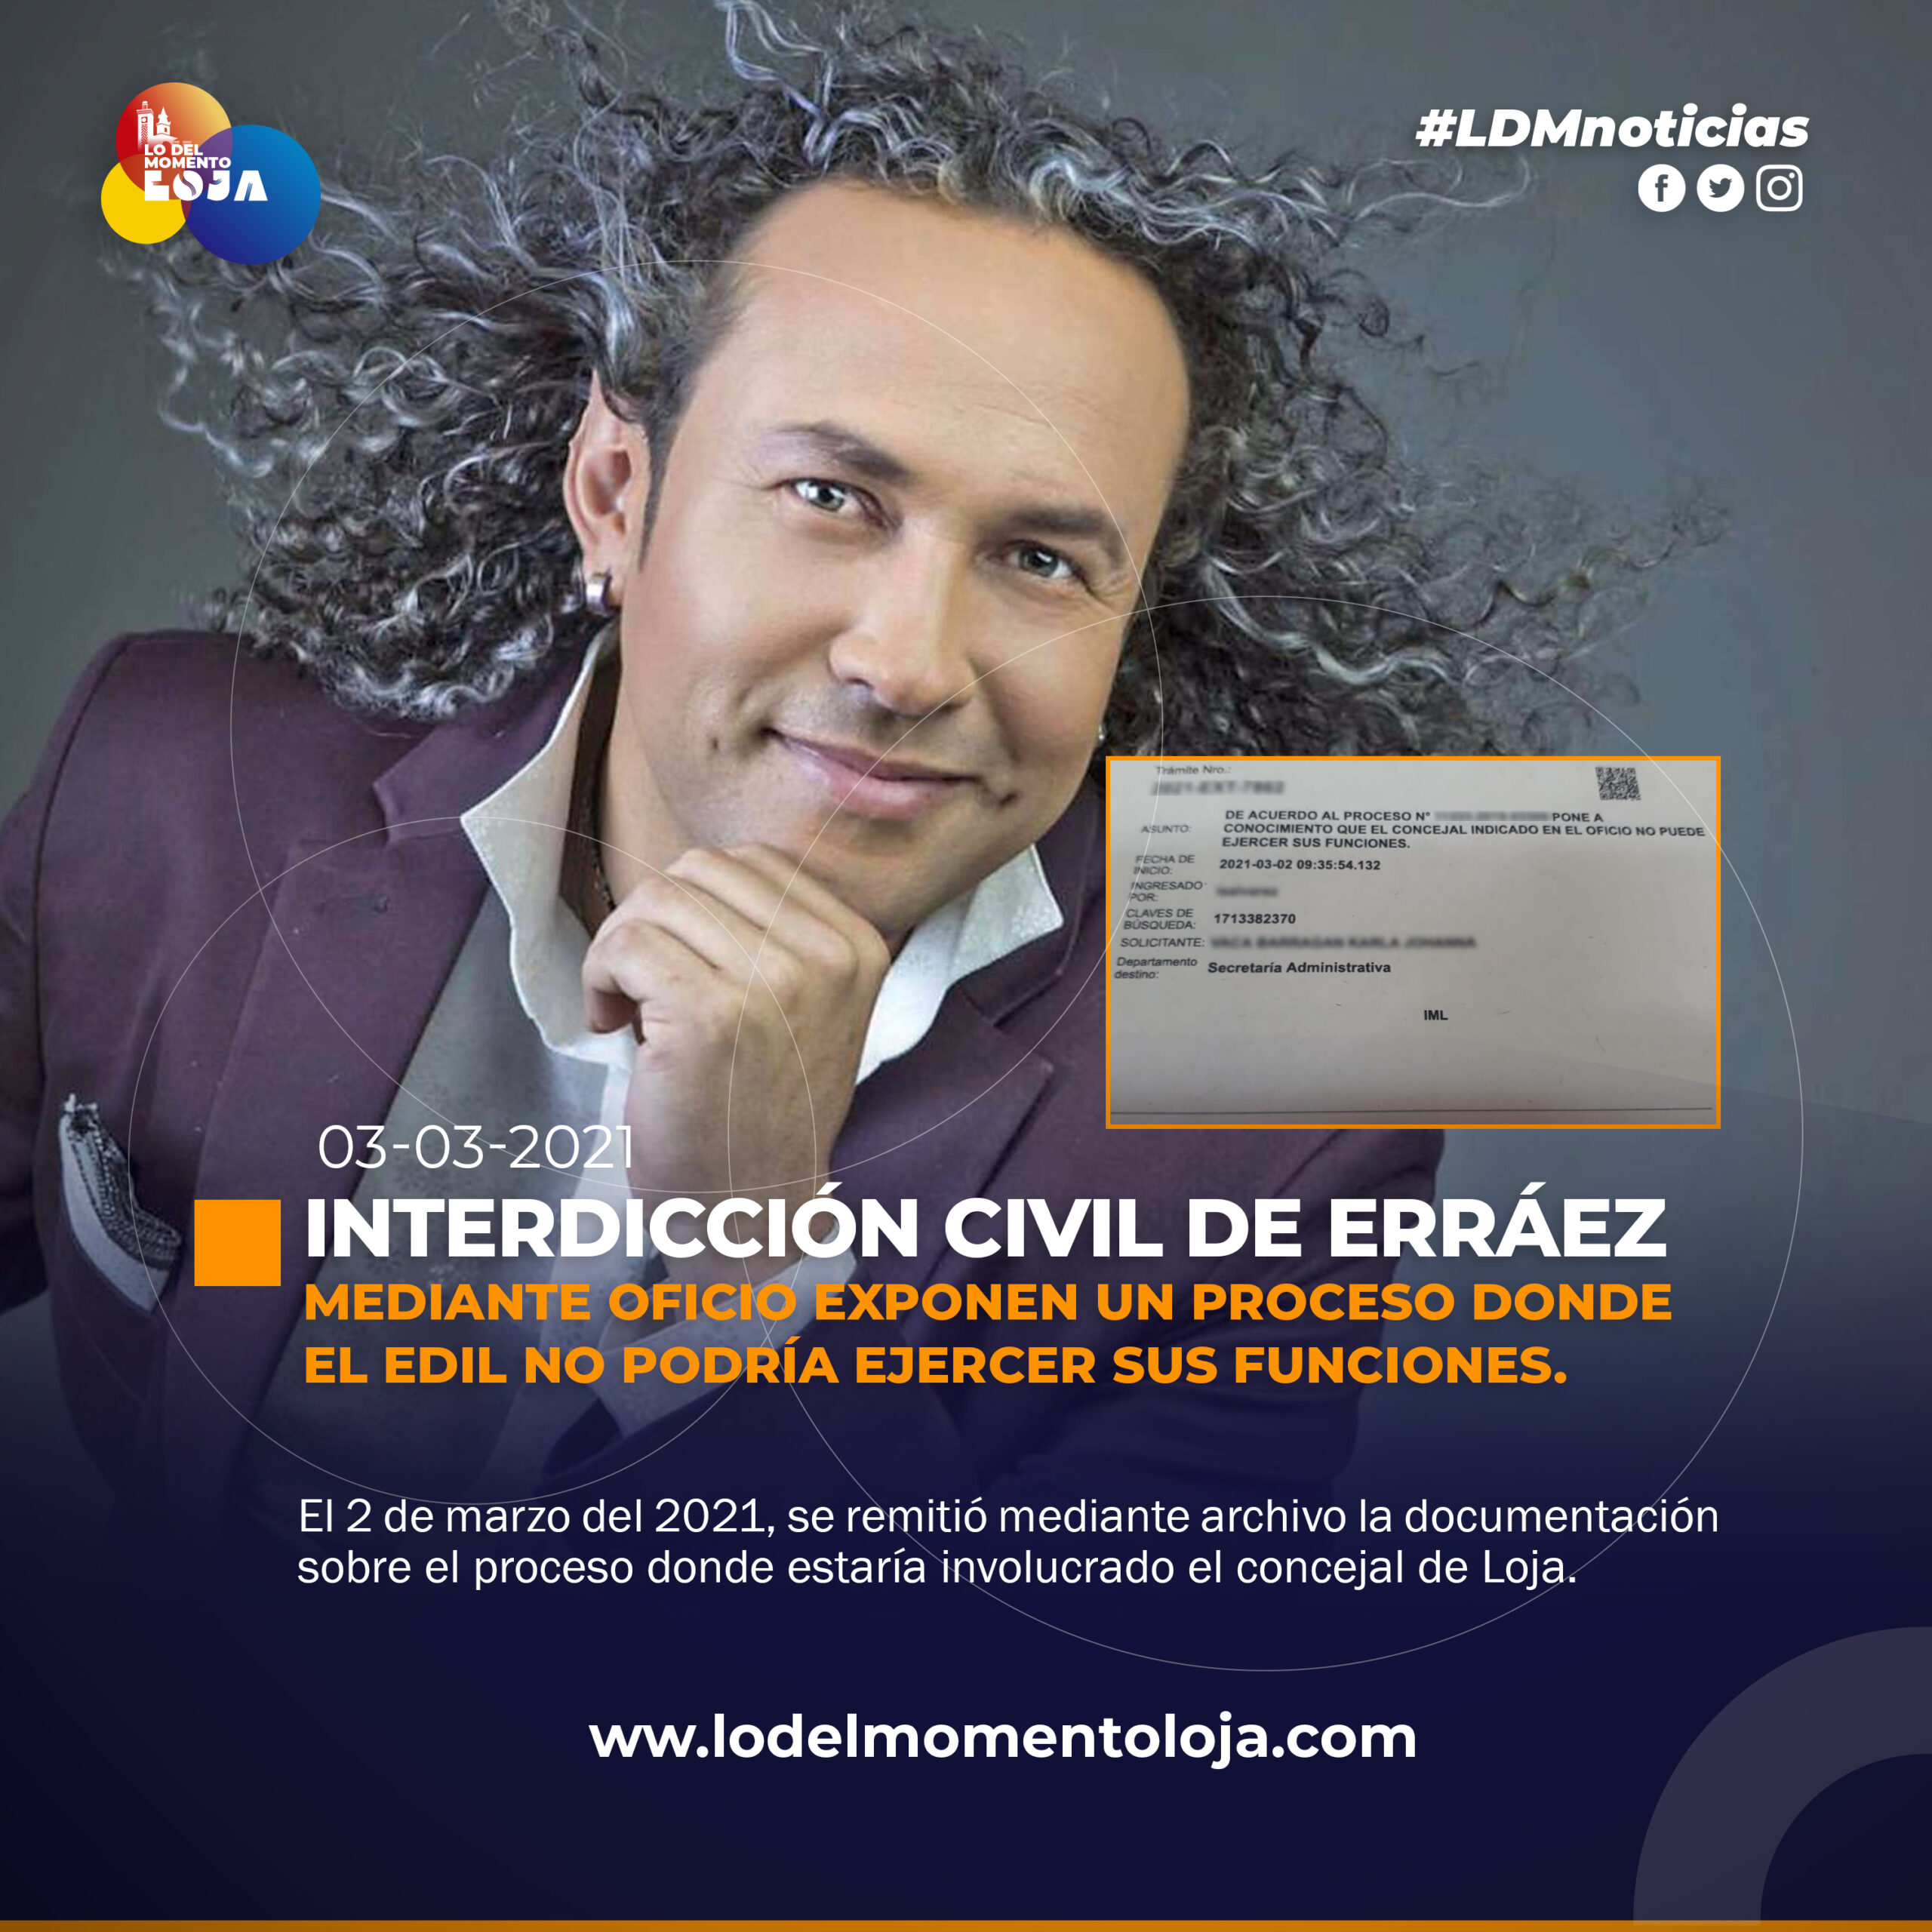 EXPONEN INTERDICCIÓN CIVIL DE SANTIAGO ERRÁEZ